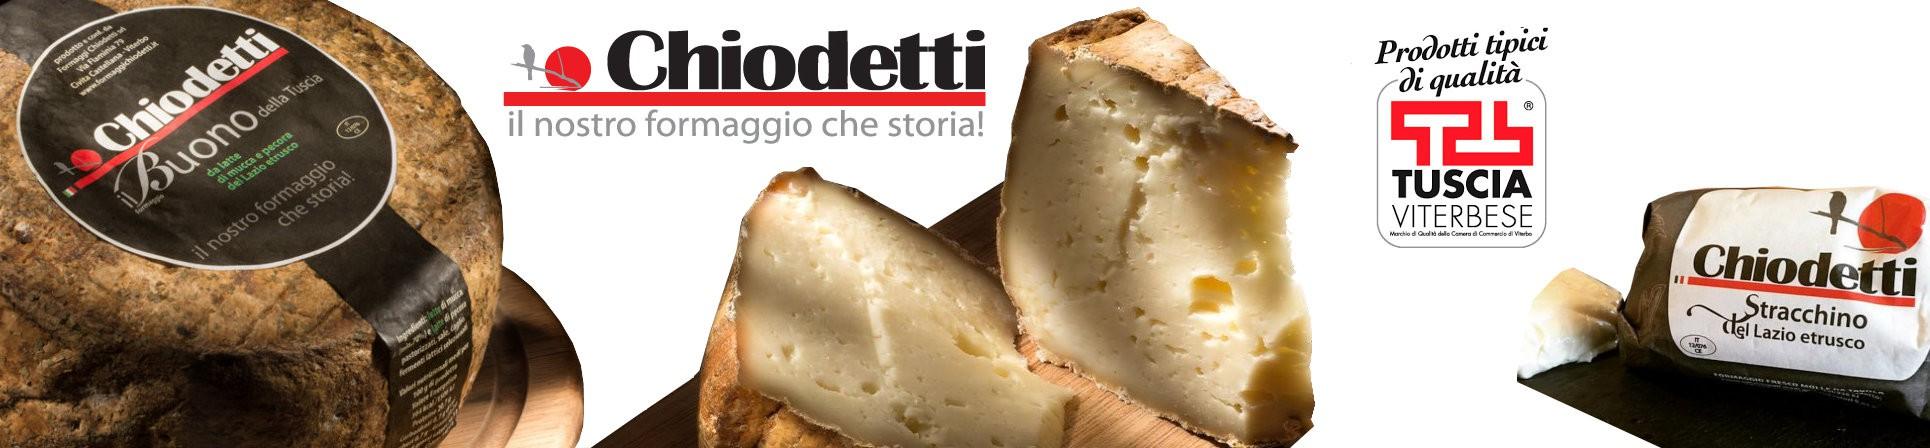 vendita online formaggi tipici della Tuscia - CHIODETTI FORMAGGI